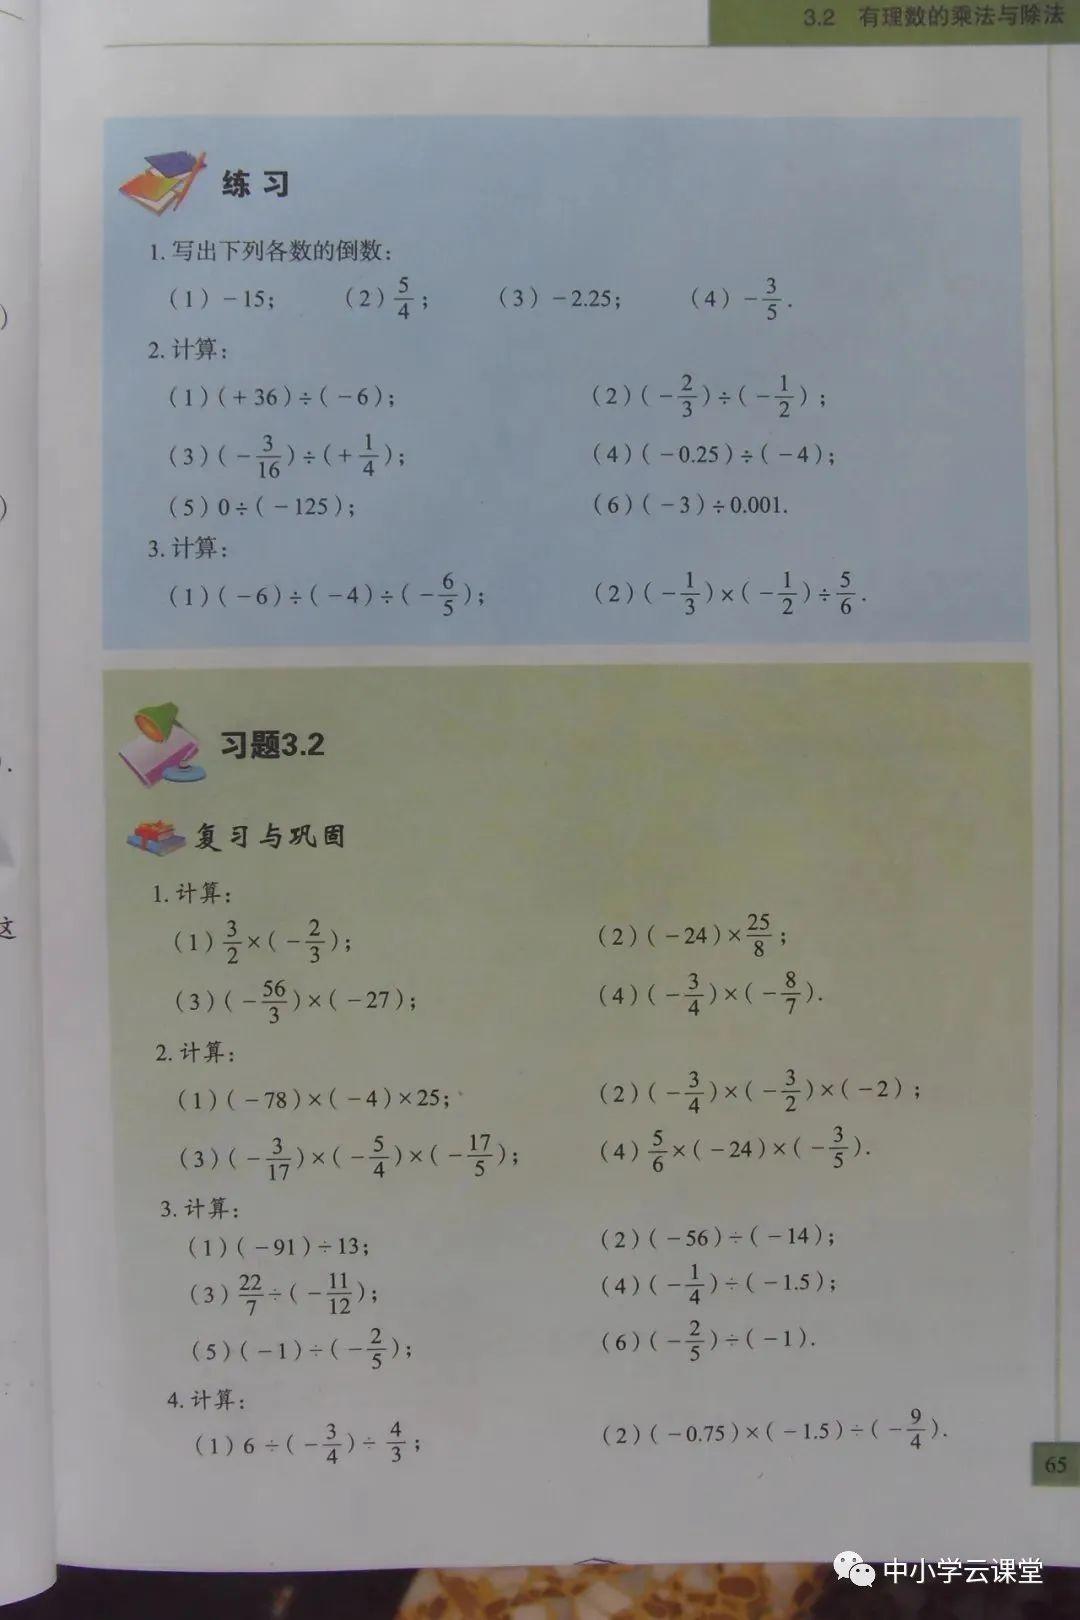 777c44621c7d432cbaec334ce029d4de.png